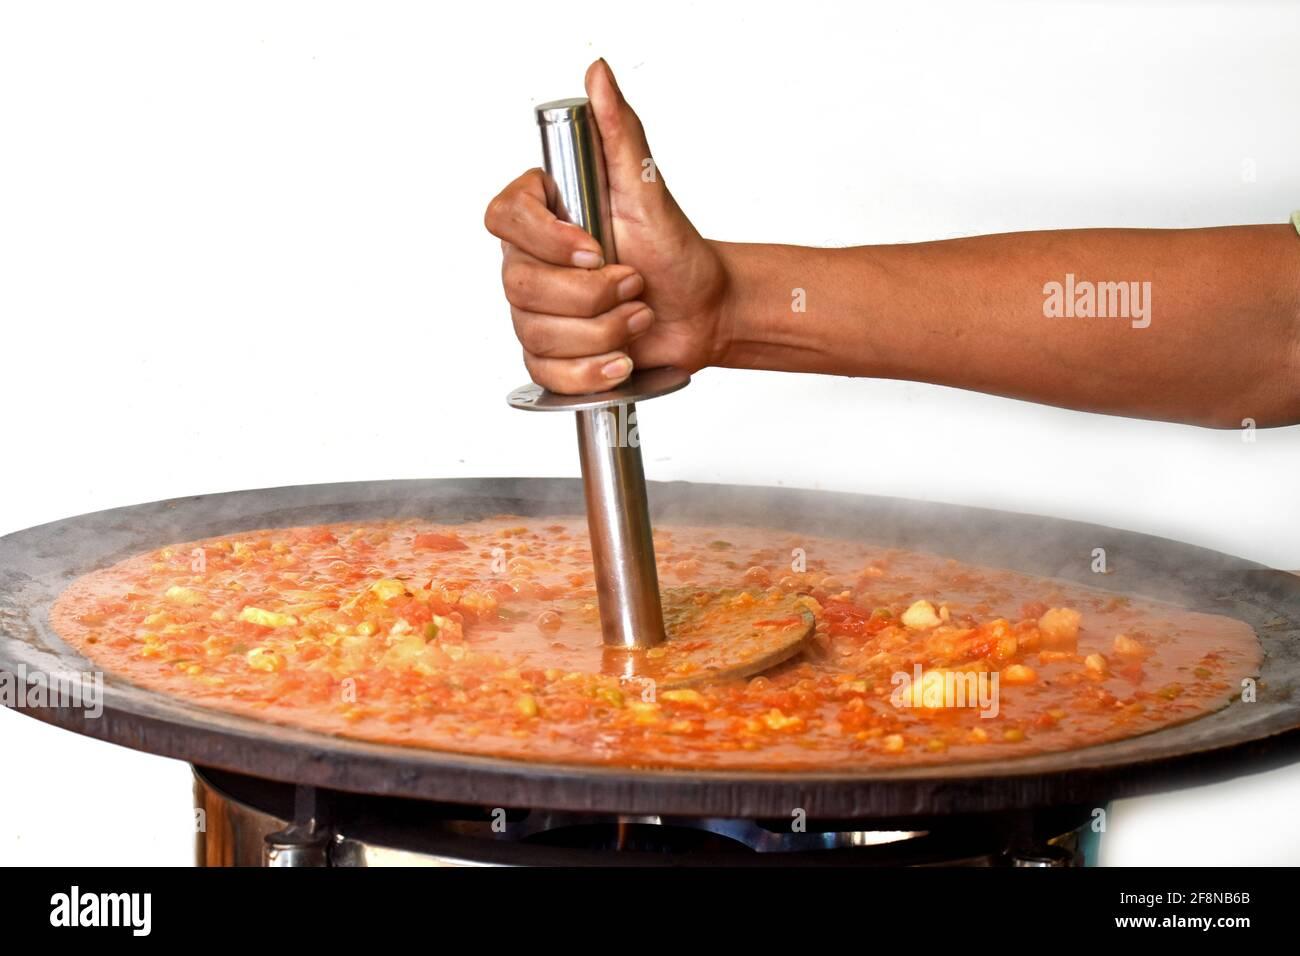 PAV Bhaji étant cuit dans les rues de l'Inde, cuisine indienne de Mumbai, le bhaji de la carte, le bhaji de la carte, le bhaji de la carte est un plat de restauration rapide, le curry de légumes épais et épicé, Banque D'Images